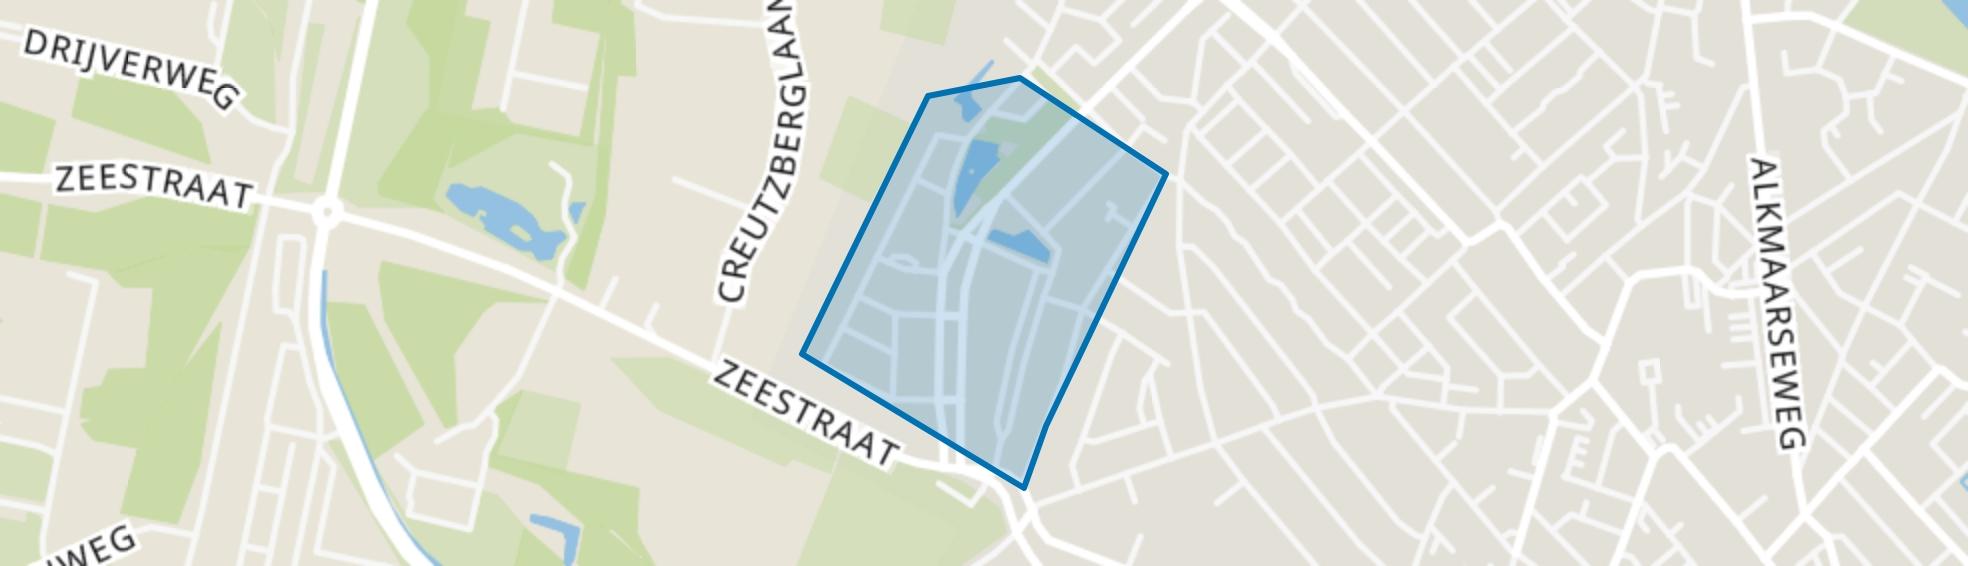 Warande, Beverwijk map